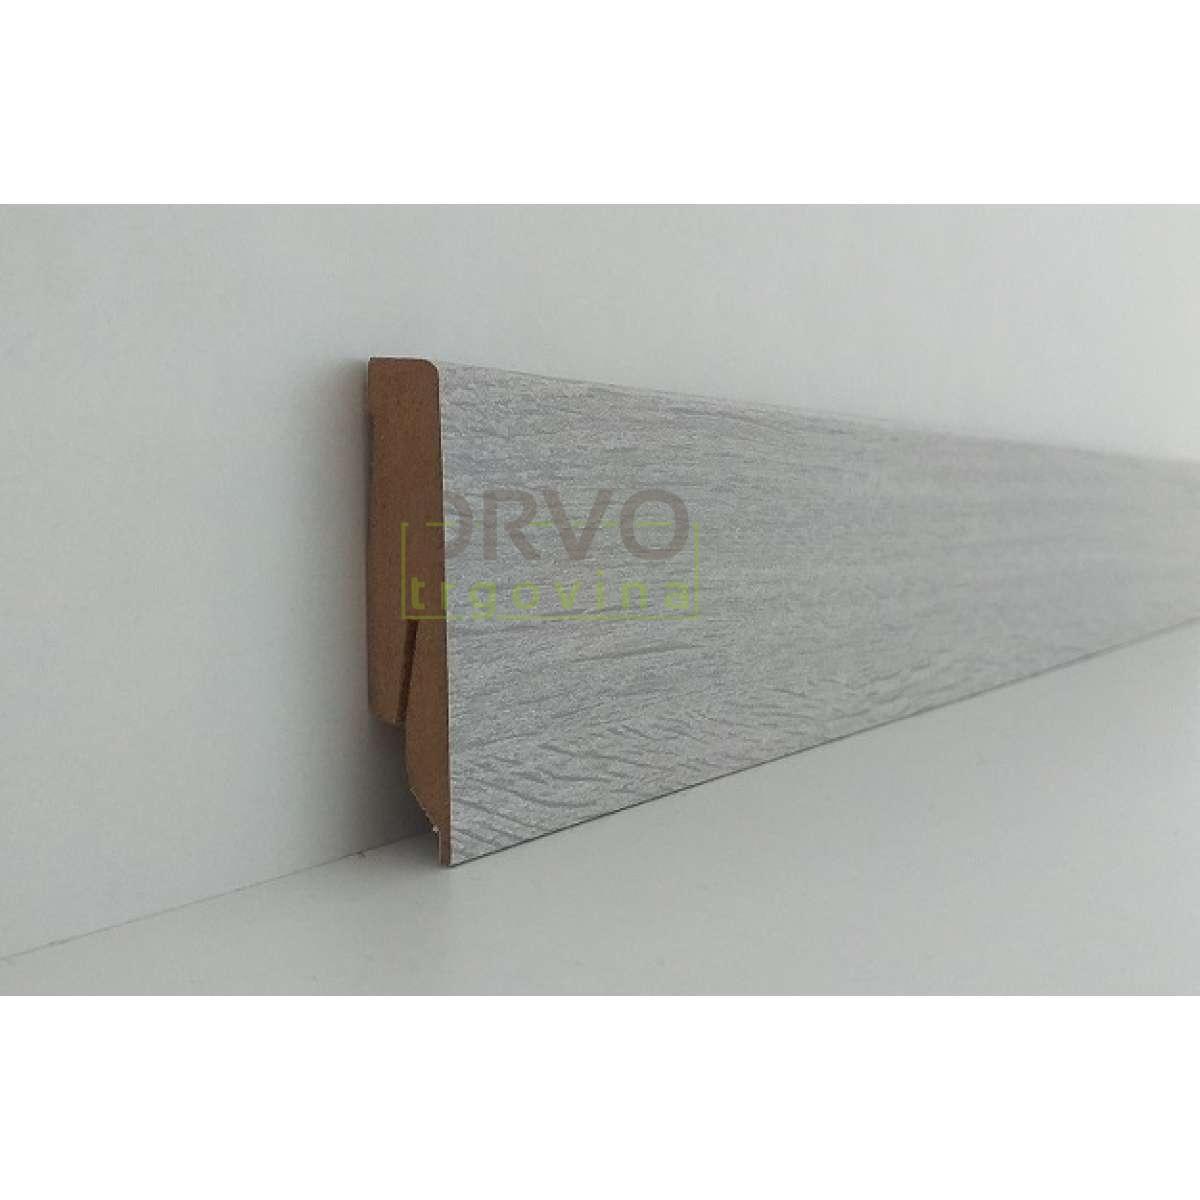 LETVICA ZA LAMINAT 60mm P71 B663 HRAST NORPOL 2,6m 8259/5543/K056/K277/5382/8461/K271/3753/K060/K223/5954/K039